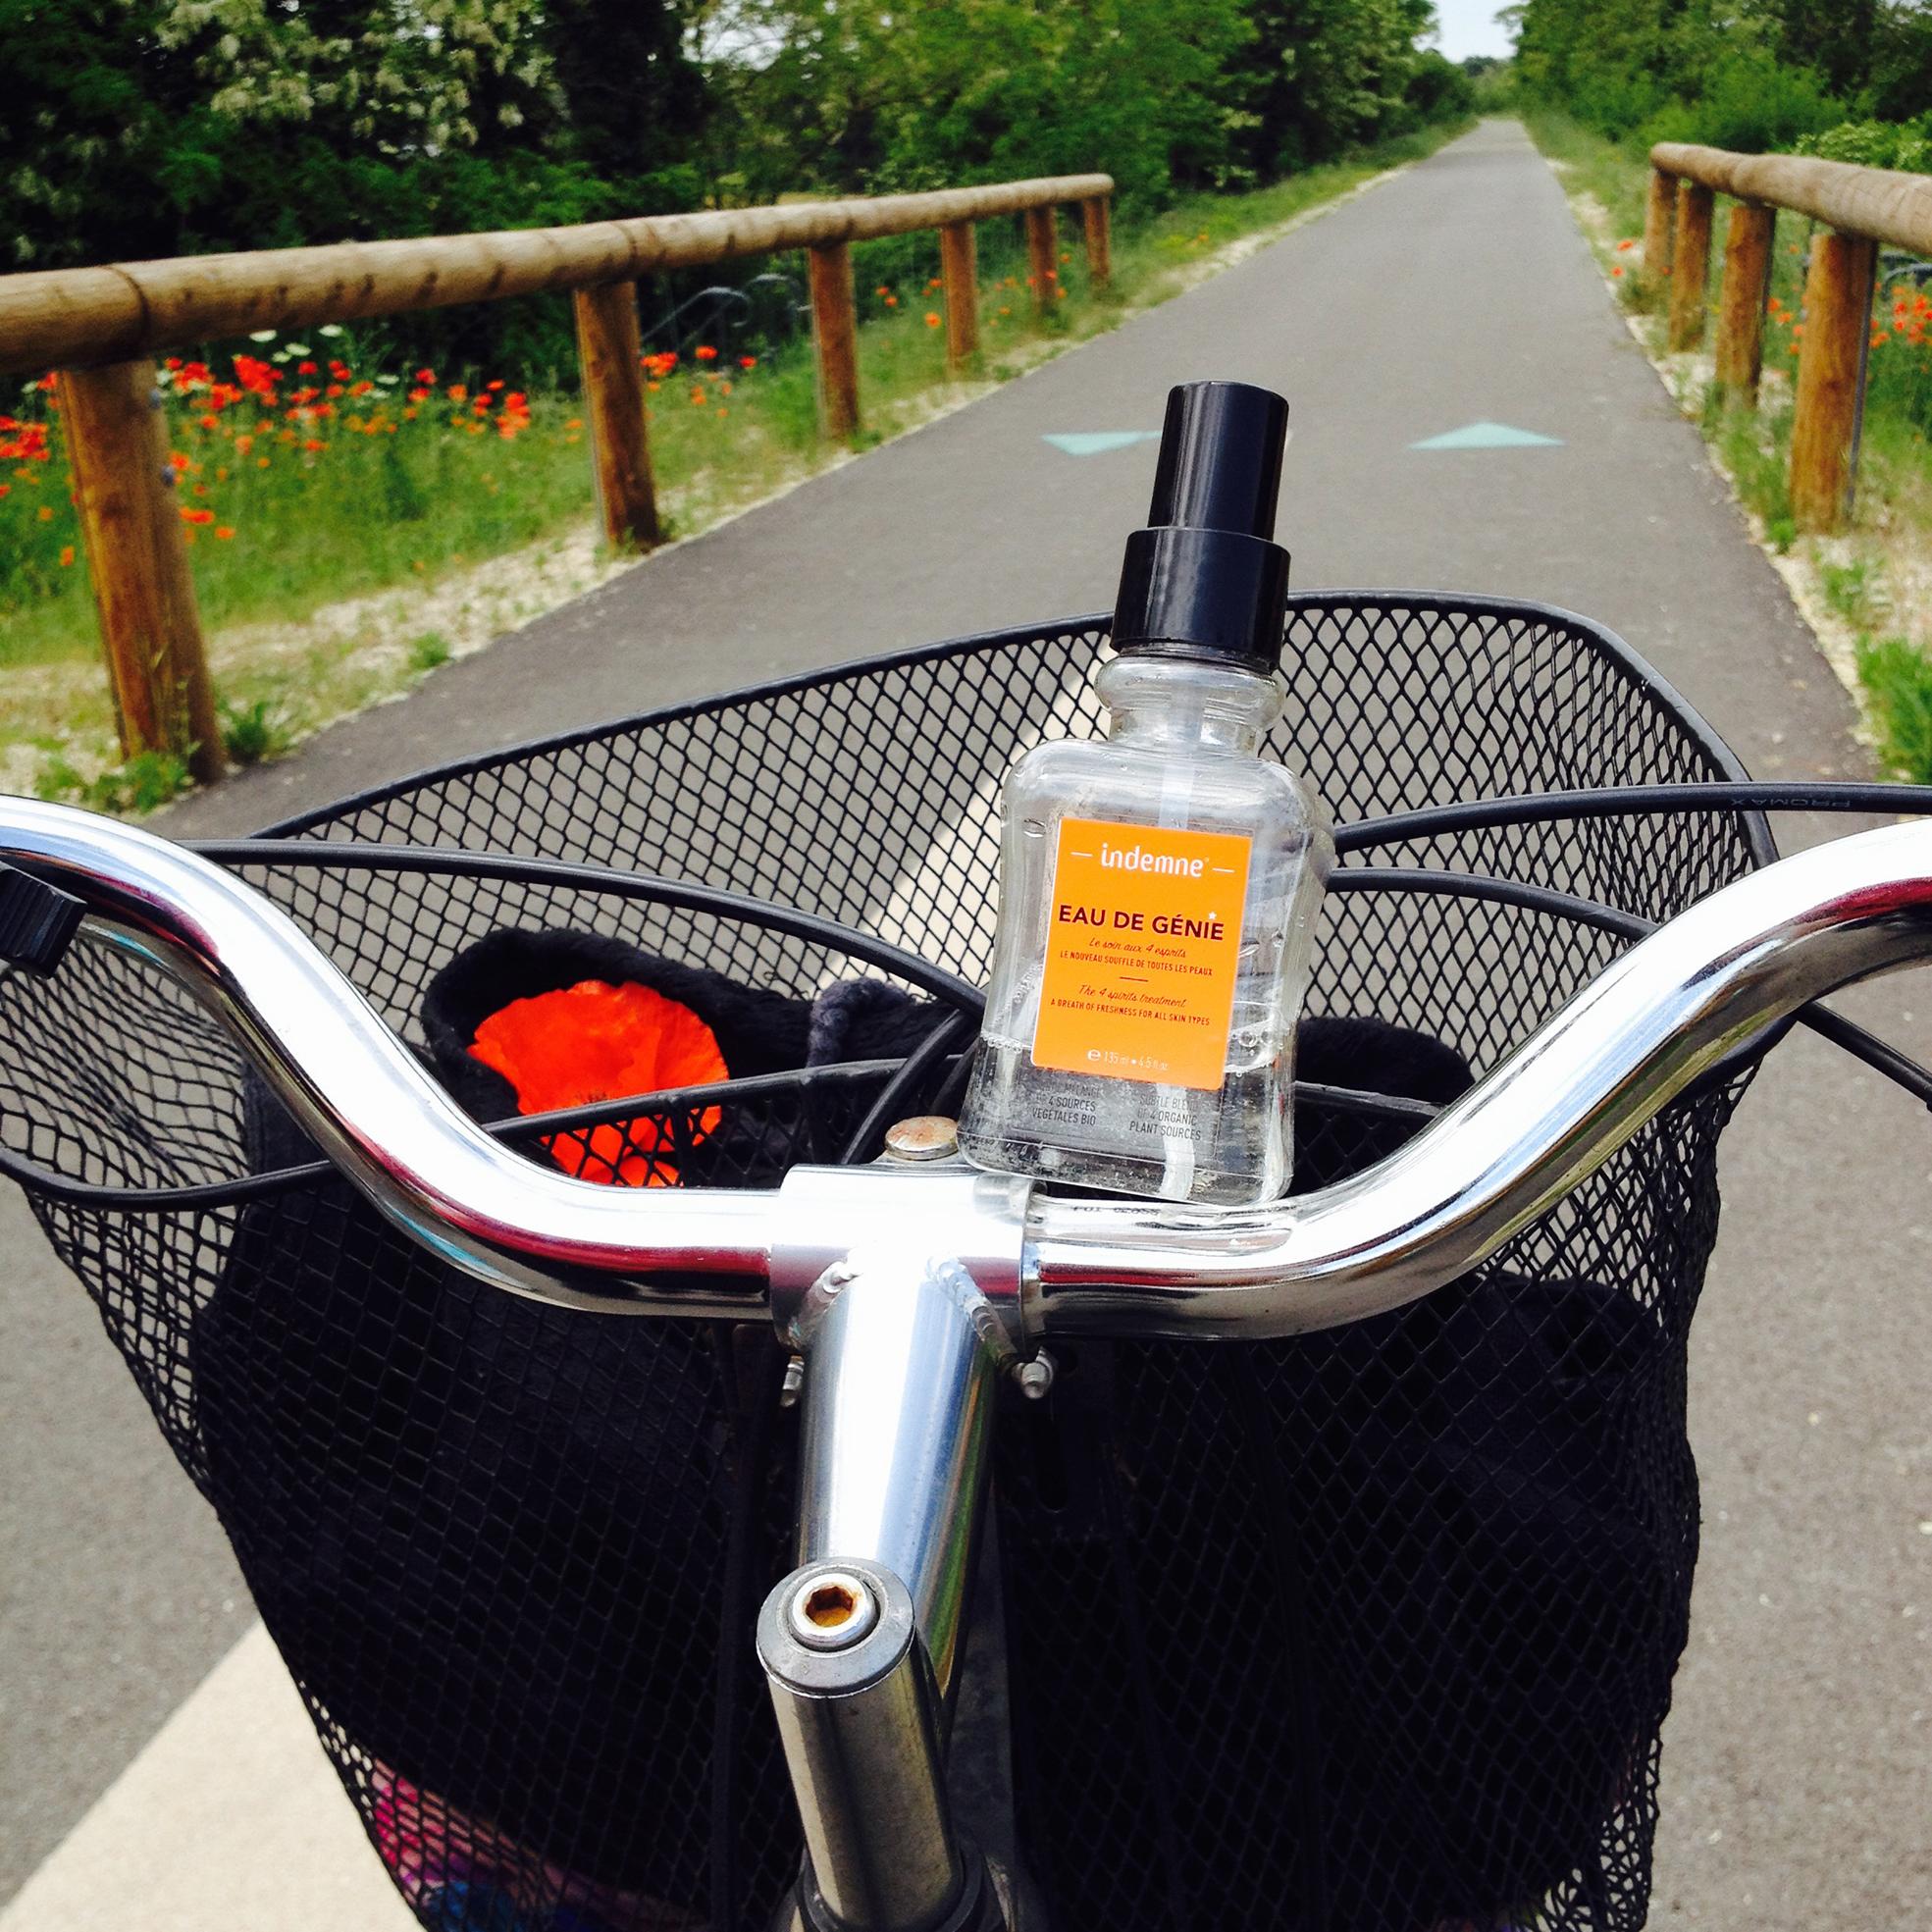 Indemne eau de genie op fiets